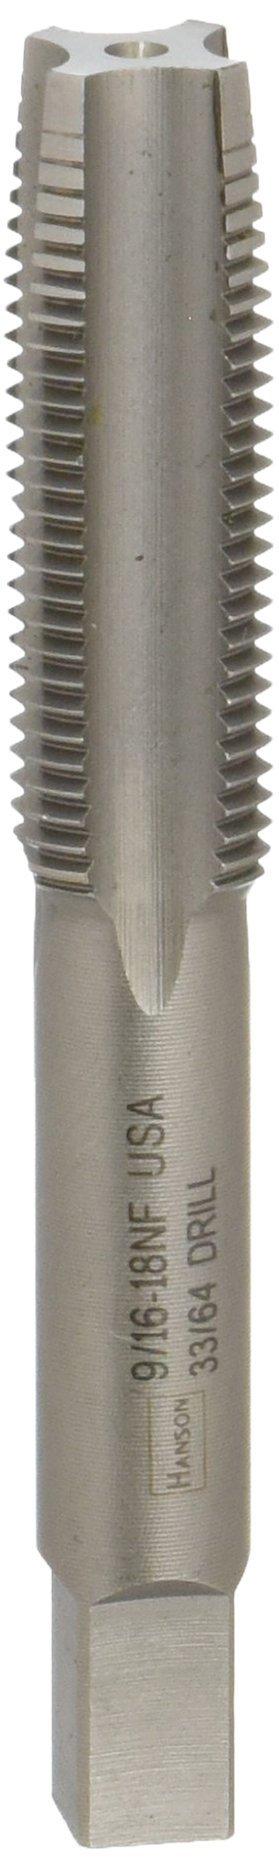 Irwin Tools 1349 Irwin 9/16'' - 18 Nf Fractional Tap